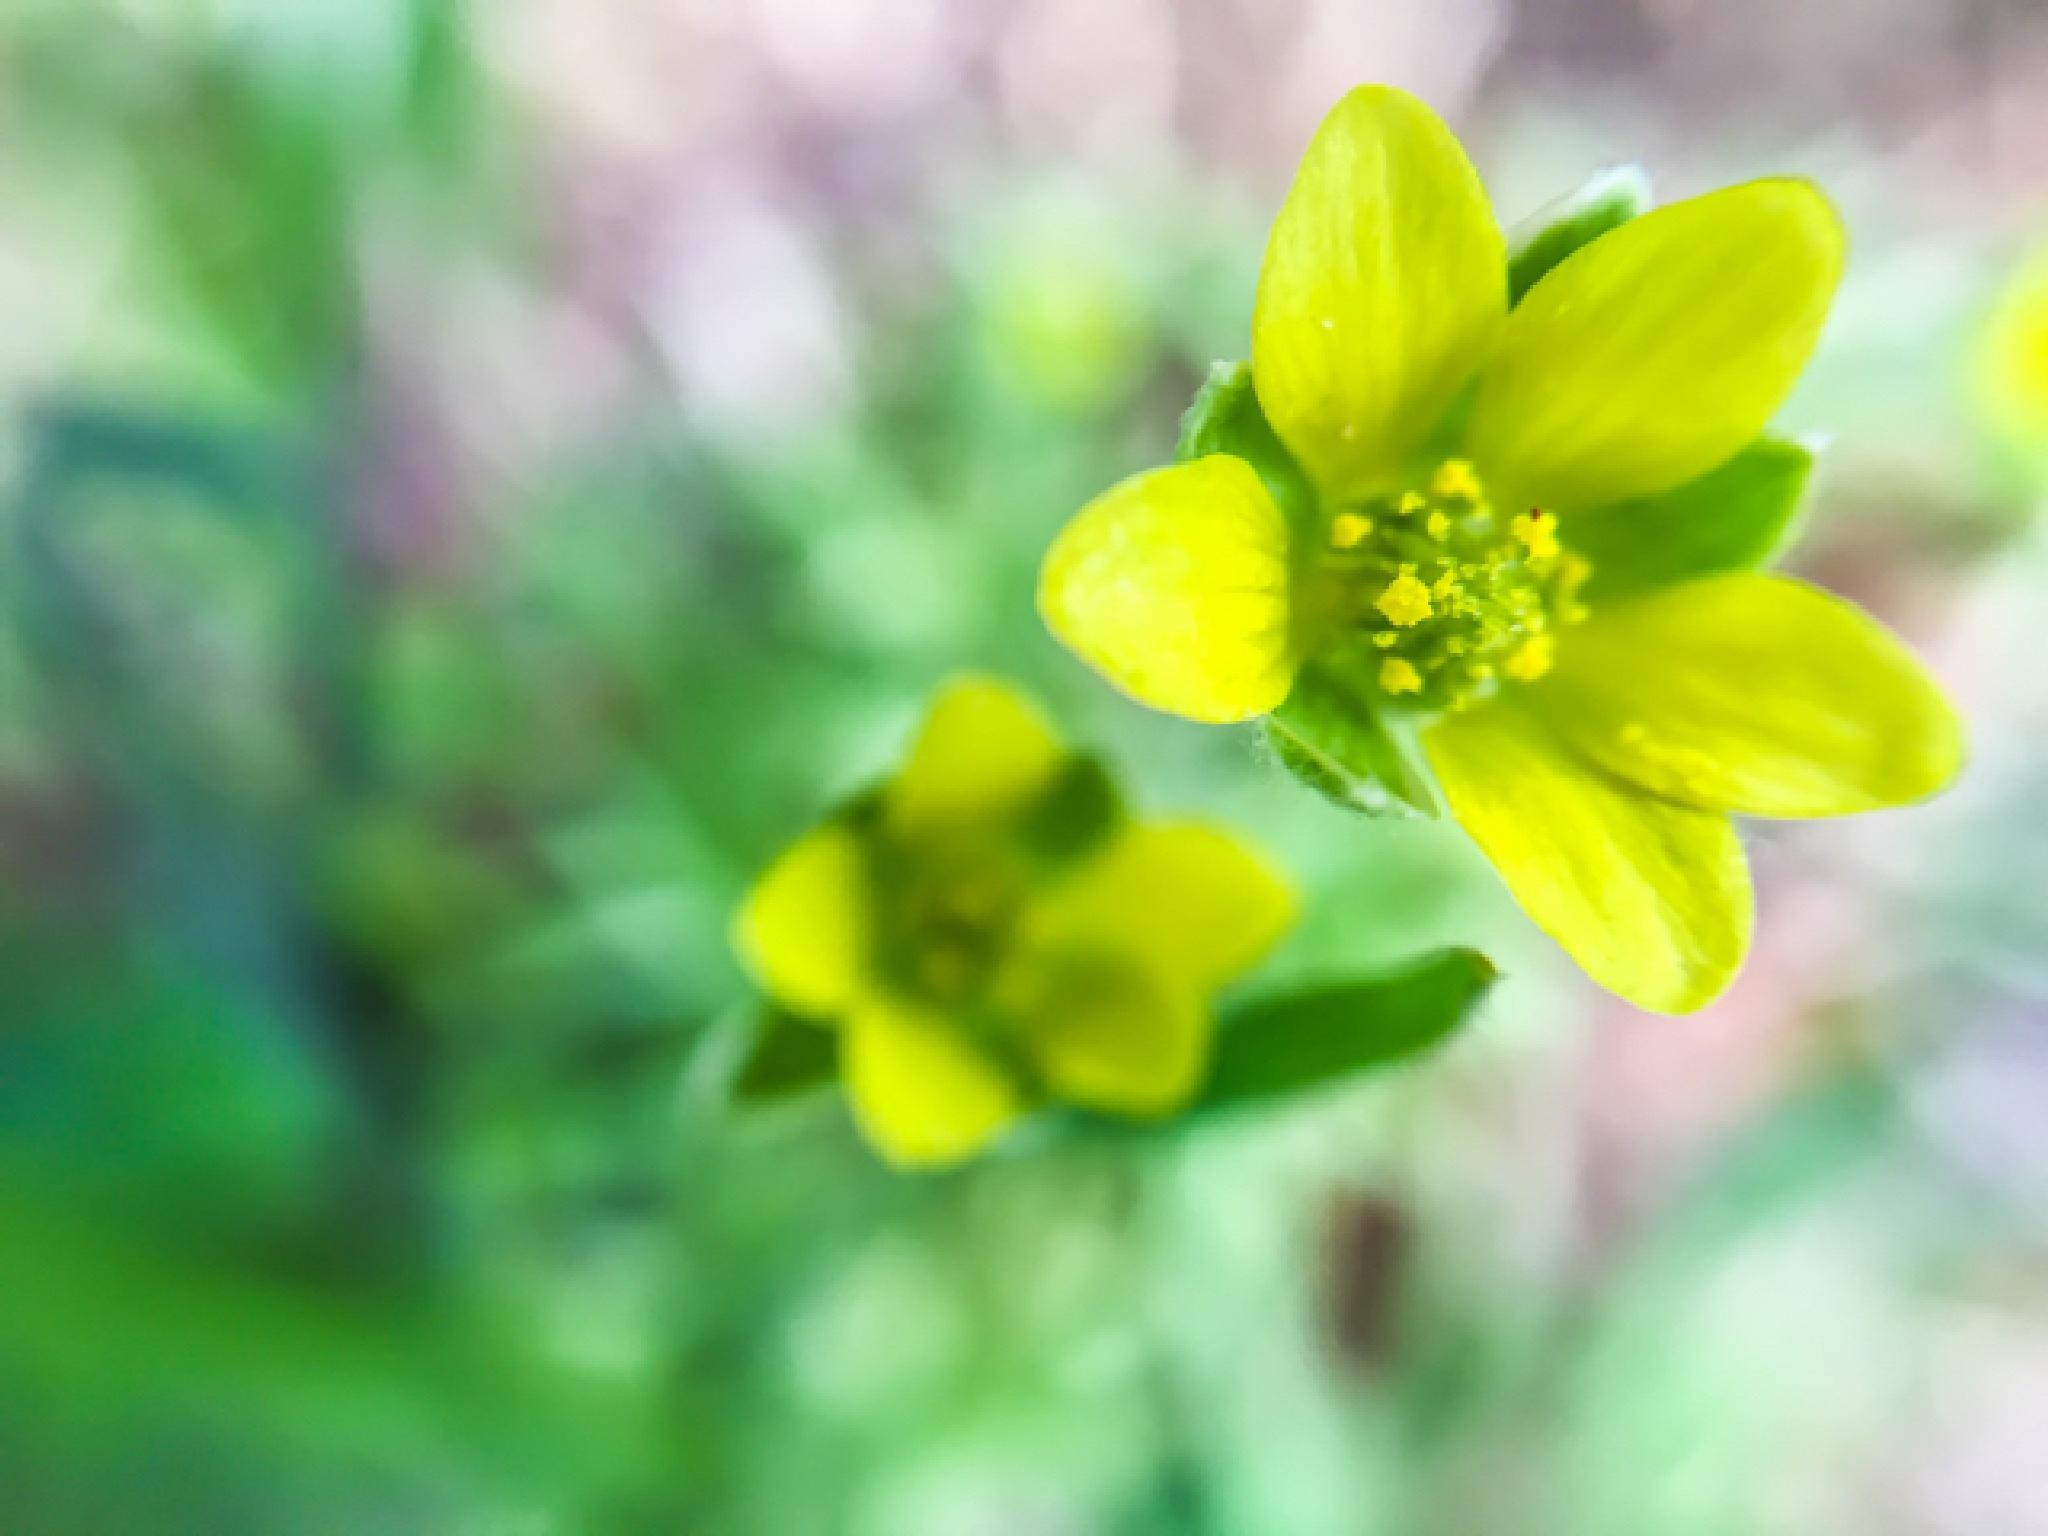 Yellow Bloom by shaunarwhitaker